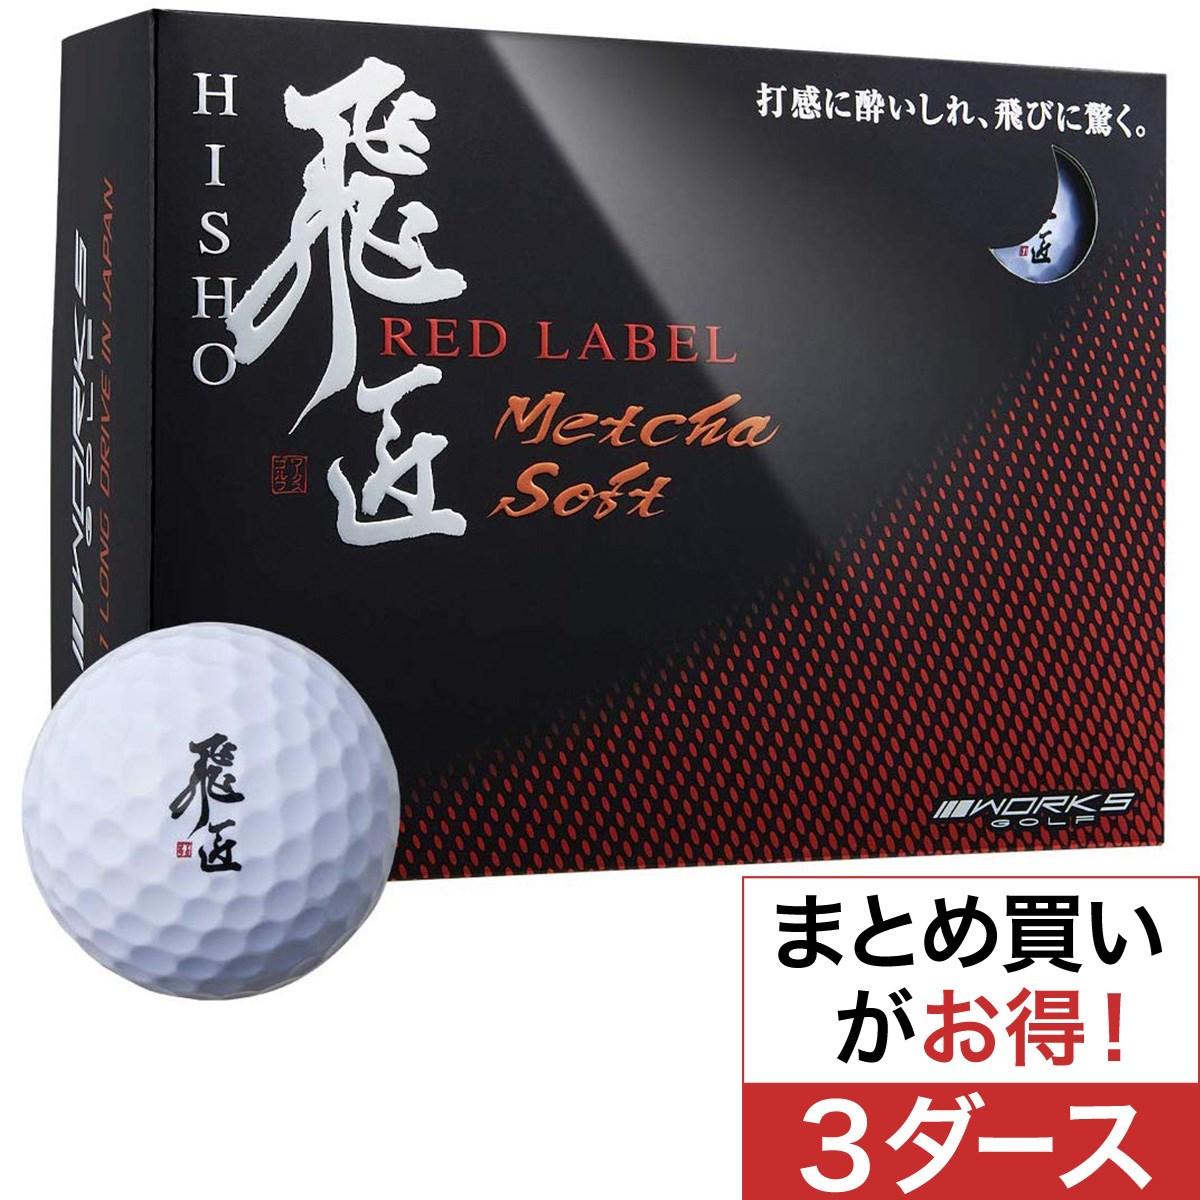 ワークス ゴルフ 飛匠 レッドラベル めっちゃソフト ボール 3ダースセット【非公認球】